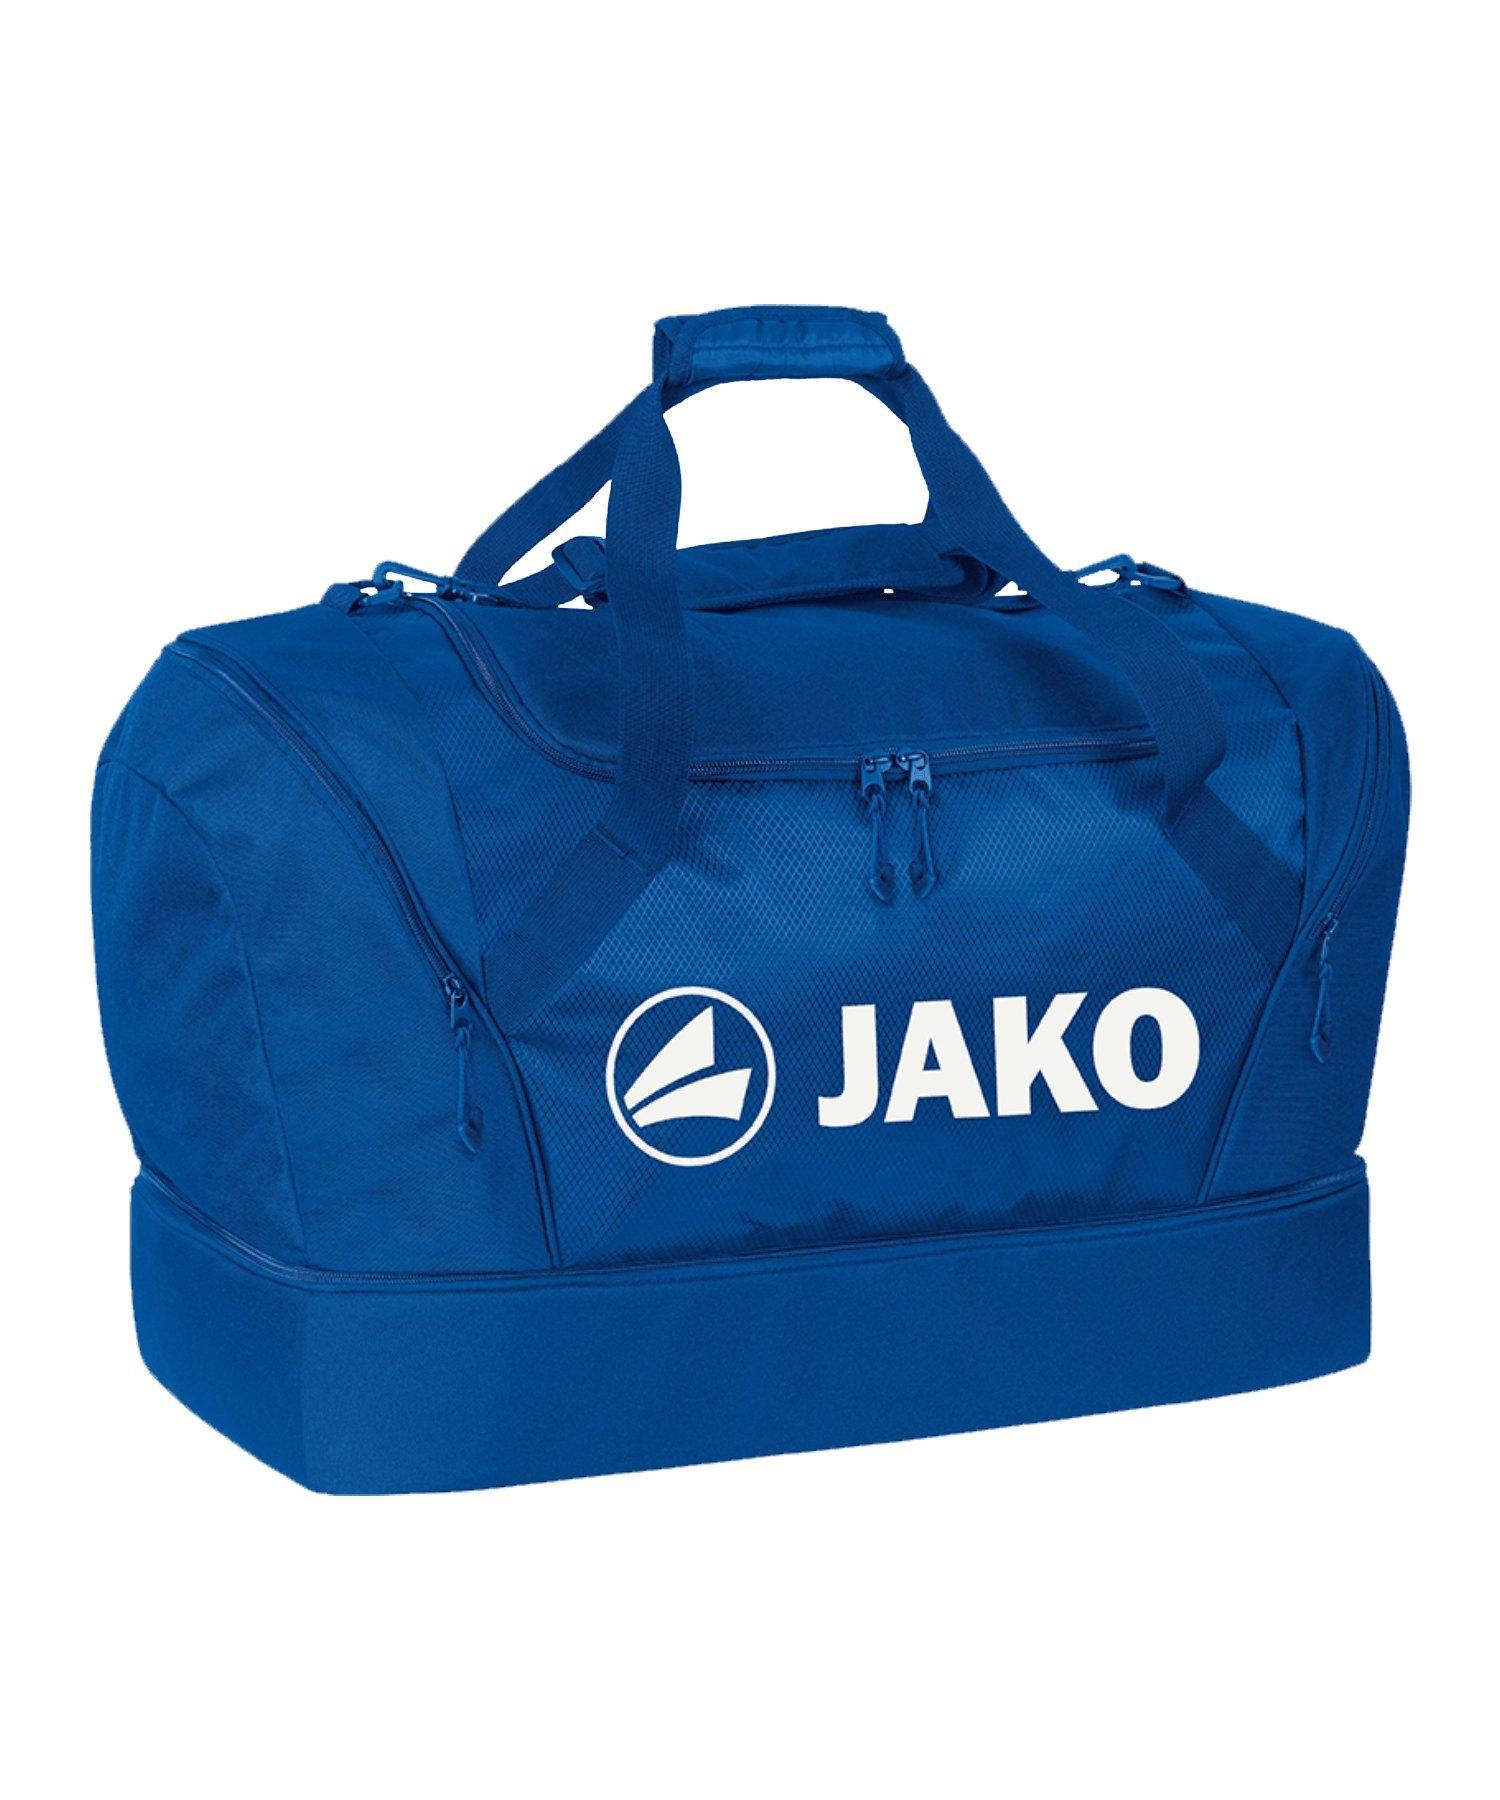 JAKO Sporttasche mit Bodenfach Junior Blau F04 - blau